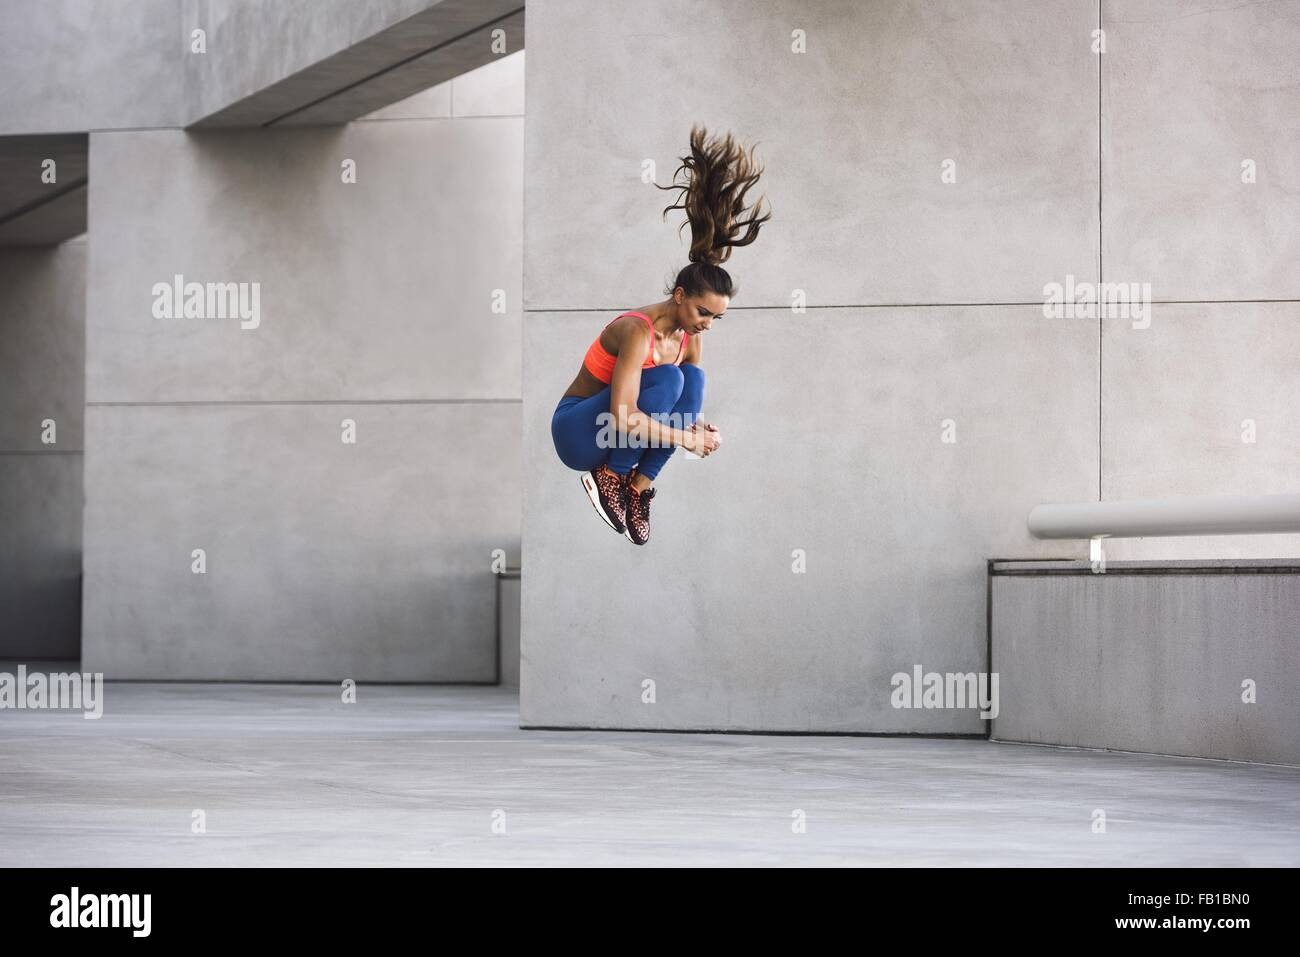 Vista laterale della giovane donna jumping abbracciando le ginocchia a metà in aria Immagini Stock